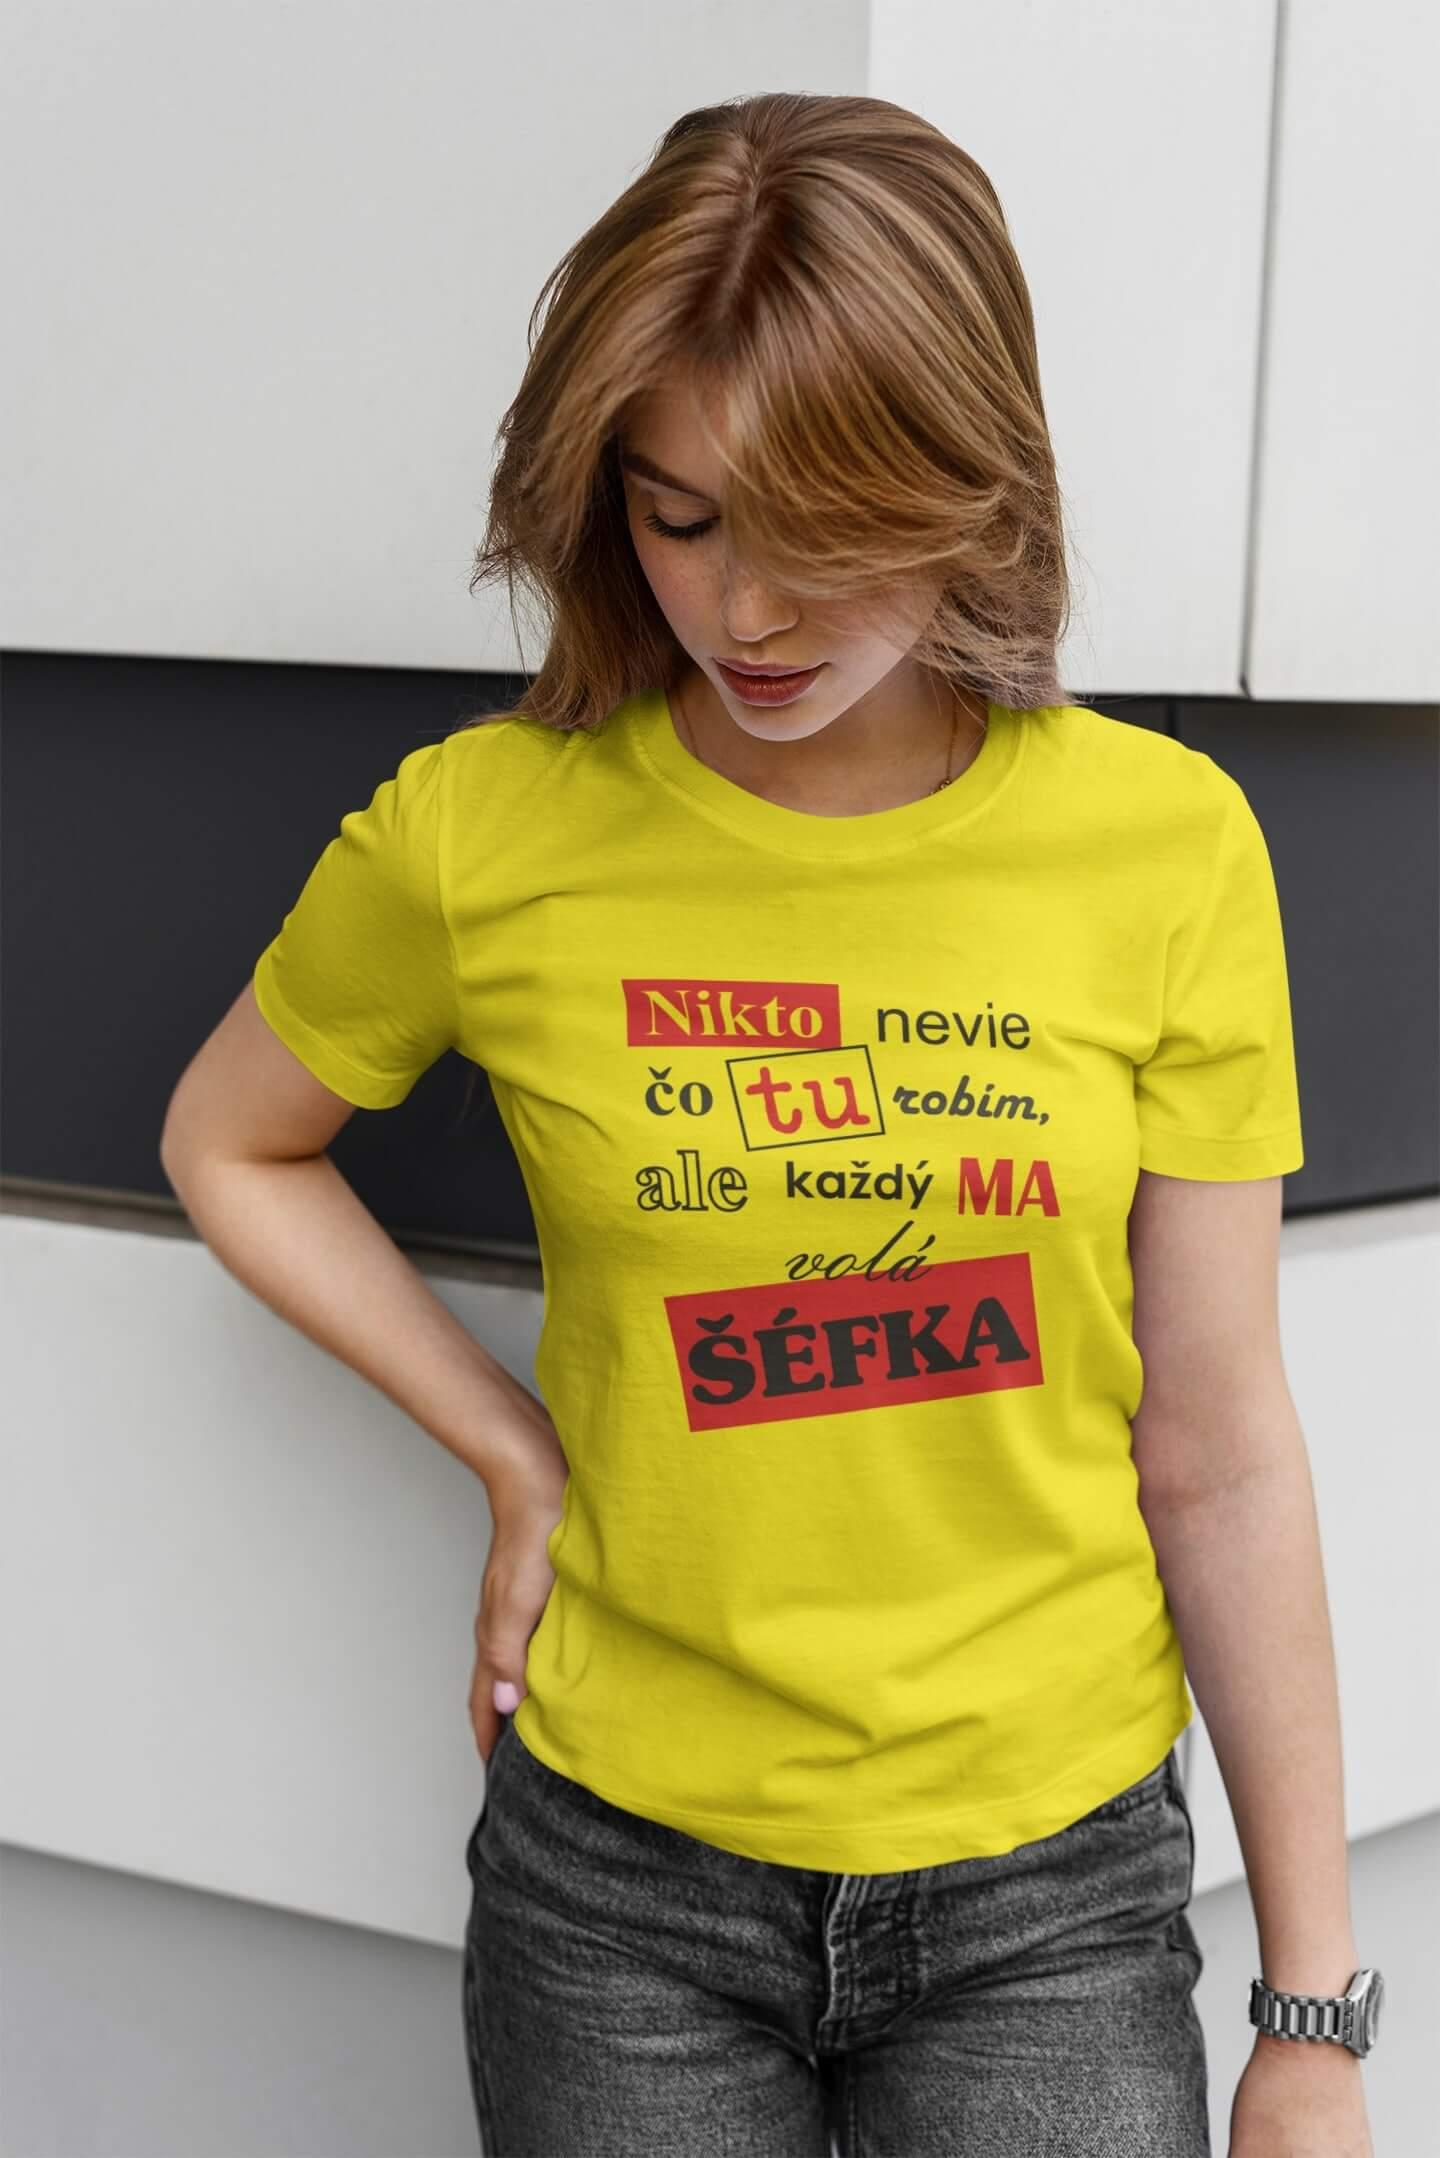 MMO Dámske tričko Šéfka Vyberte farbu: Citrónová, Vyberte veľkosť: M